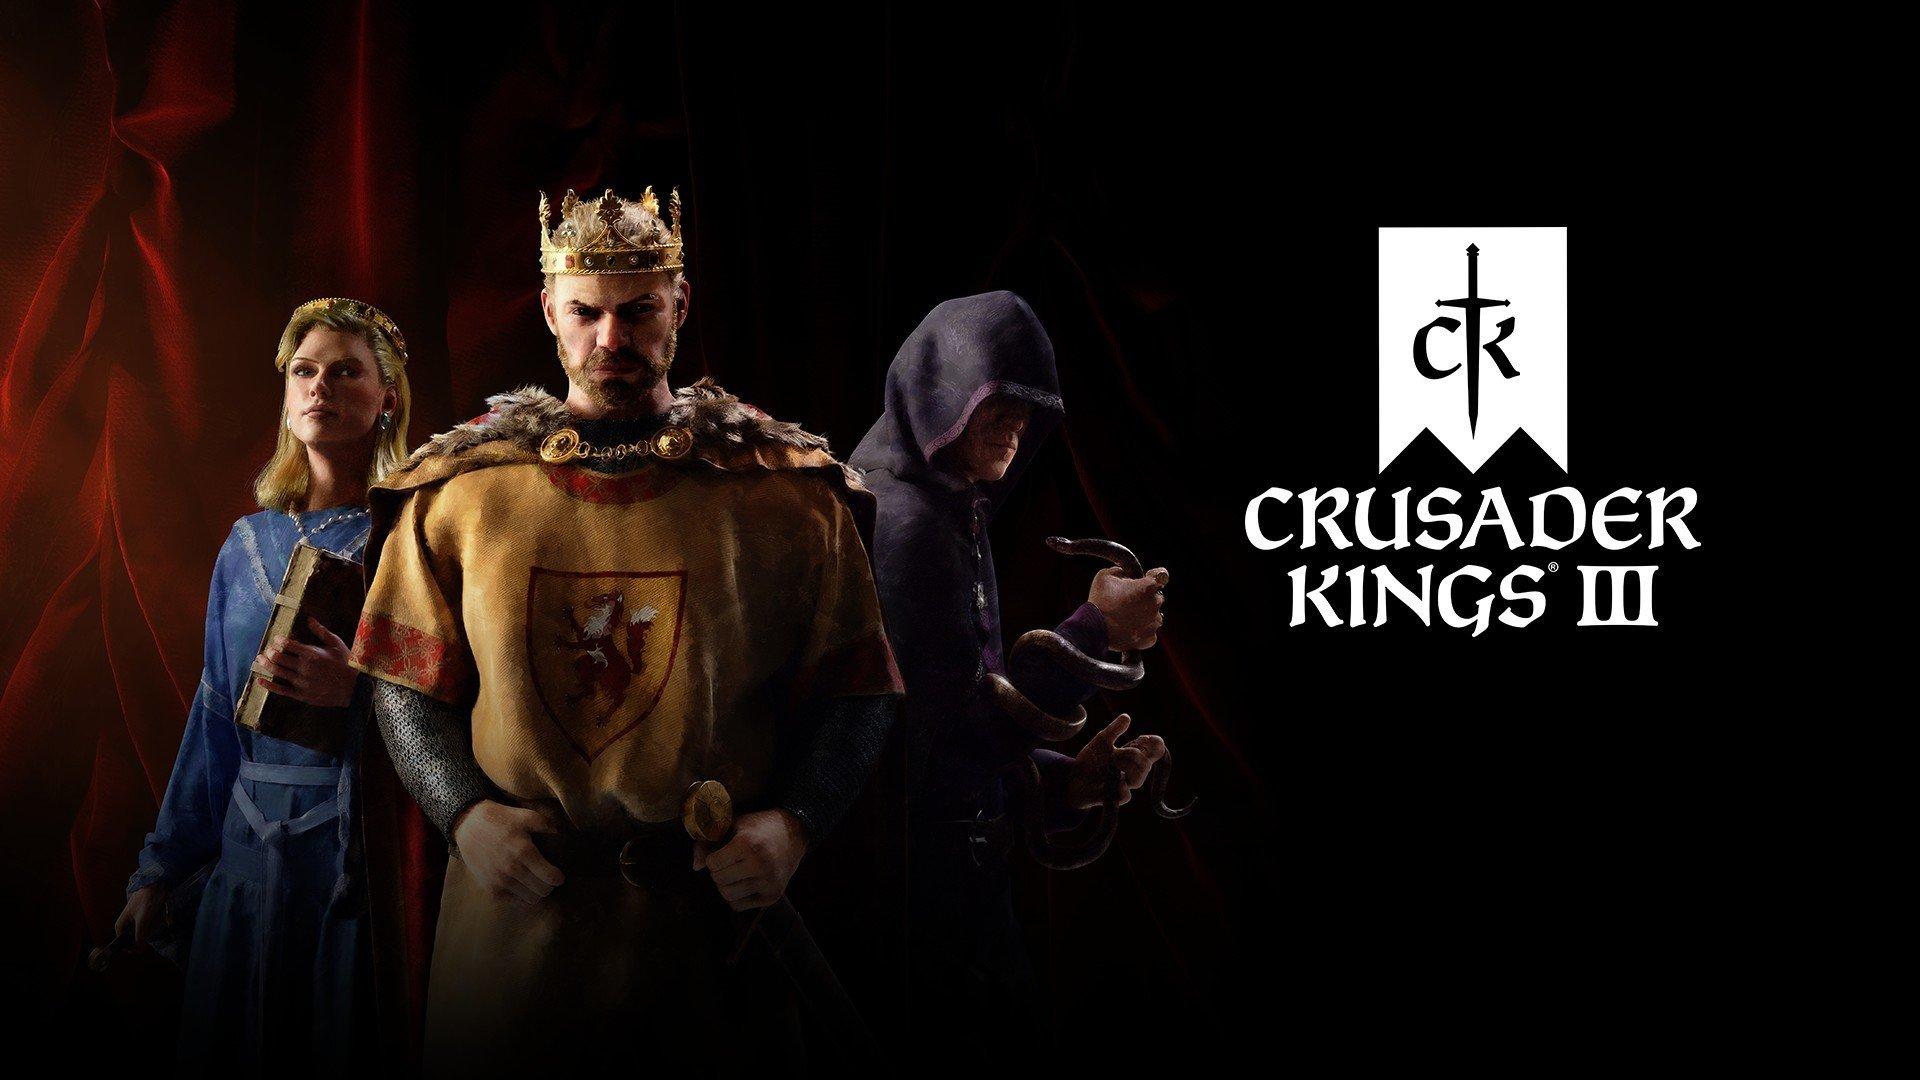 В Crusader Kings 3 добавят поддержку мода на однополые браки